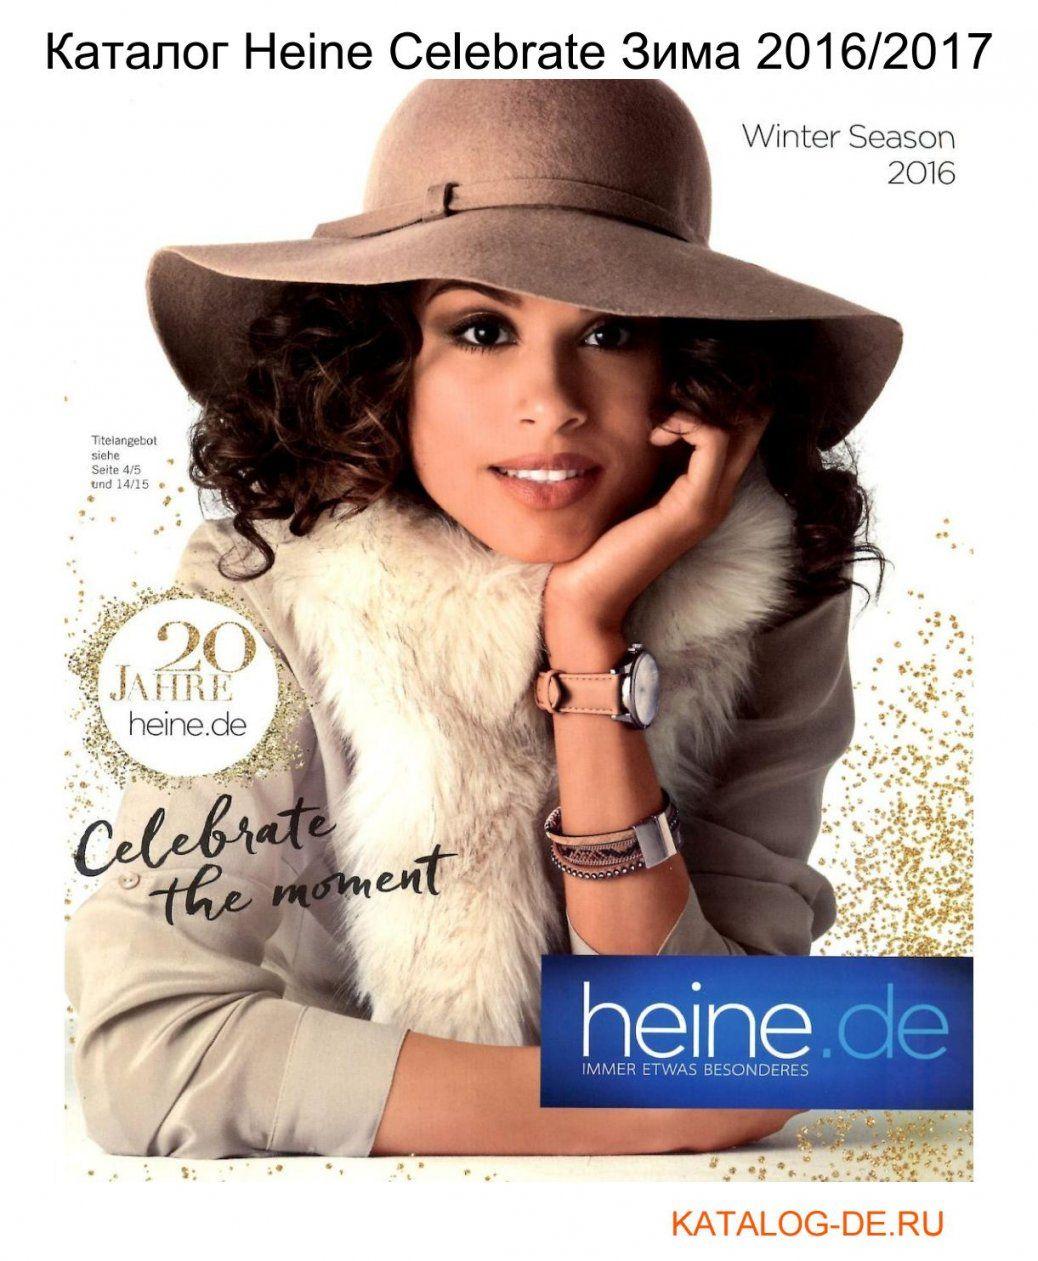 Katalog Heine Celebrate Zima 2016 2017Wwwkatalogderu  Заказ von Heine Immer Etwas Besonderes Bild